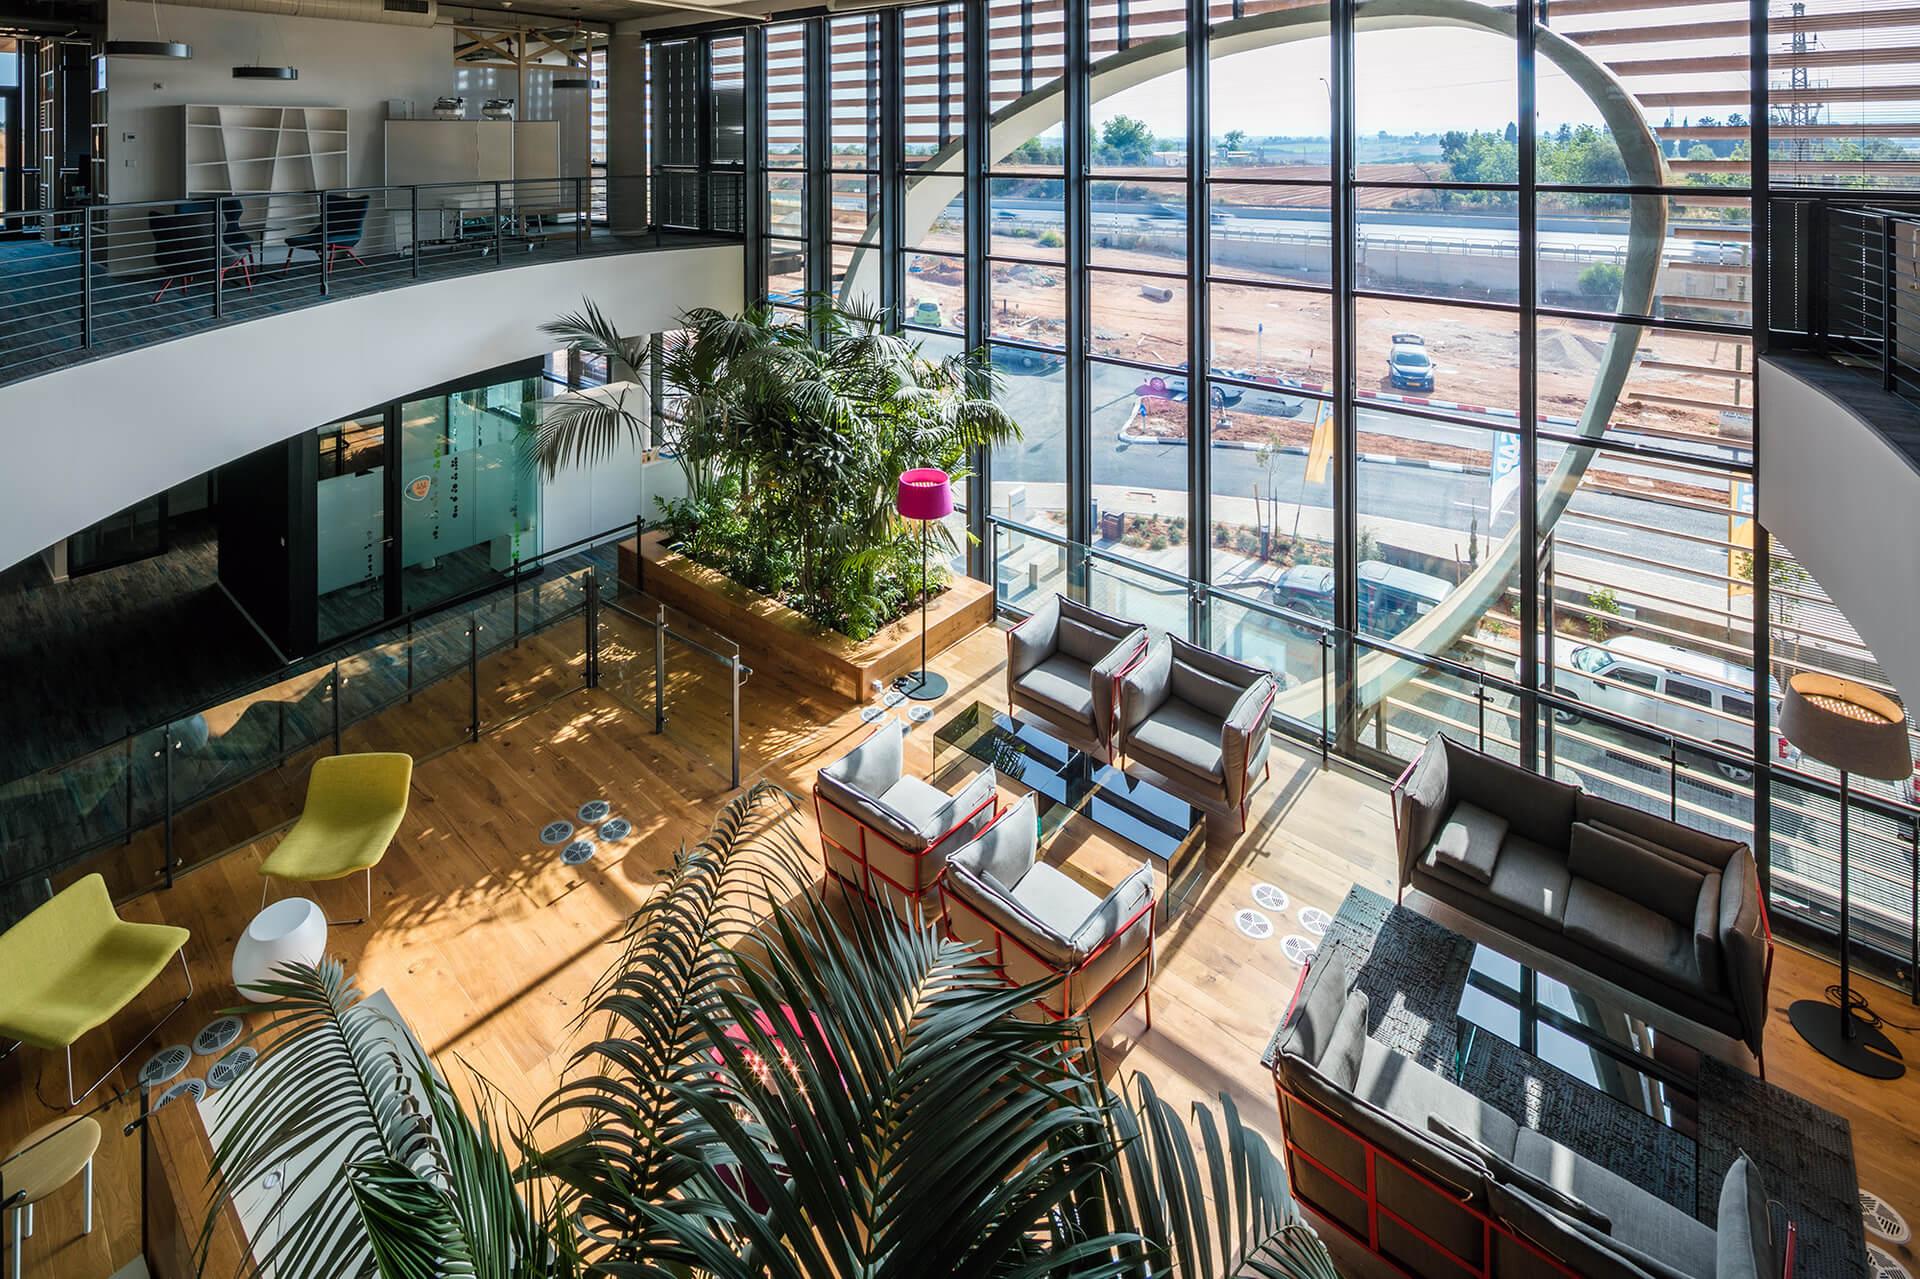 Sap Headquarters Yashar Architects Interesting SAP Headquarters YASHAR 9645 4